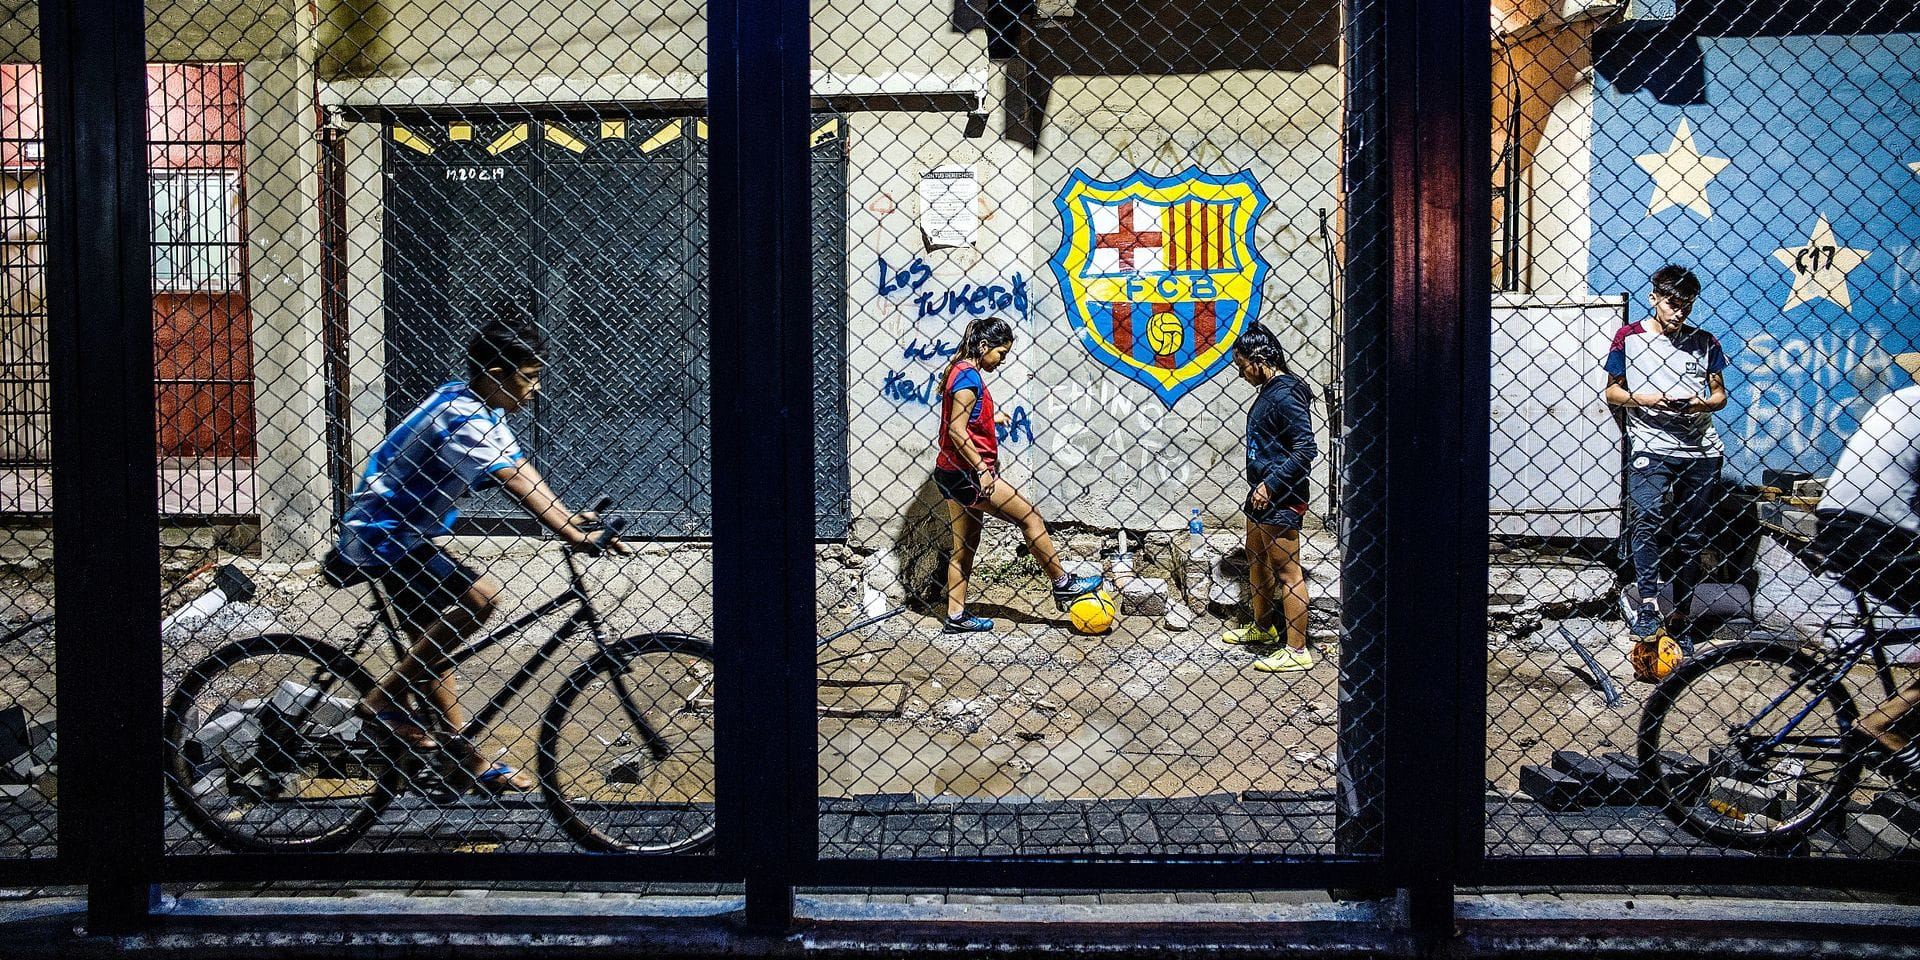 20190312 - ARGENTINE, BUENOS AIRES: What The Foot. Le 12 mars 2019. PHOTO OLIVIER PAPEGNIES / COLLECTIF HUMA CETTE IMAGE N'EST PAS LIBRE DE DROITS. UTILISATION UNIQUE POUR LE QUID DU 8 JUIN 2019